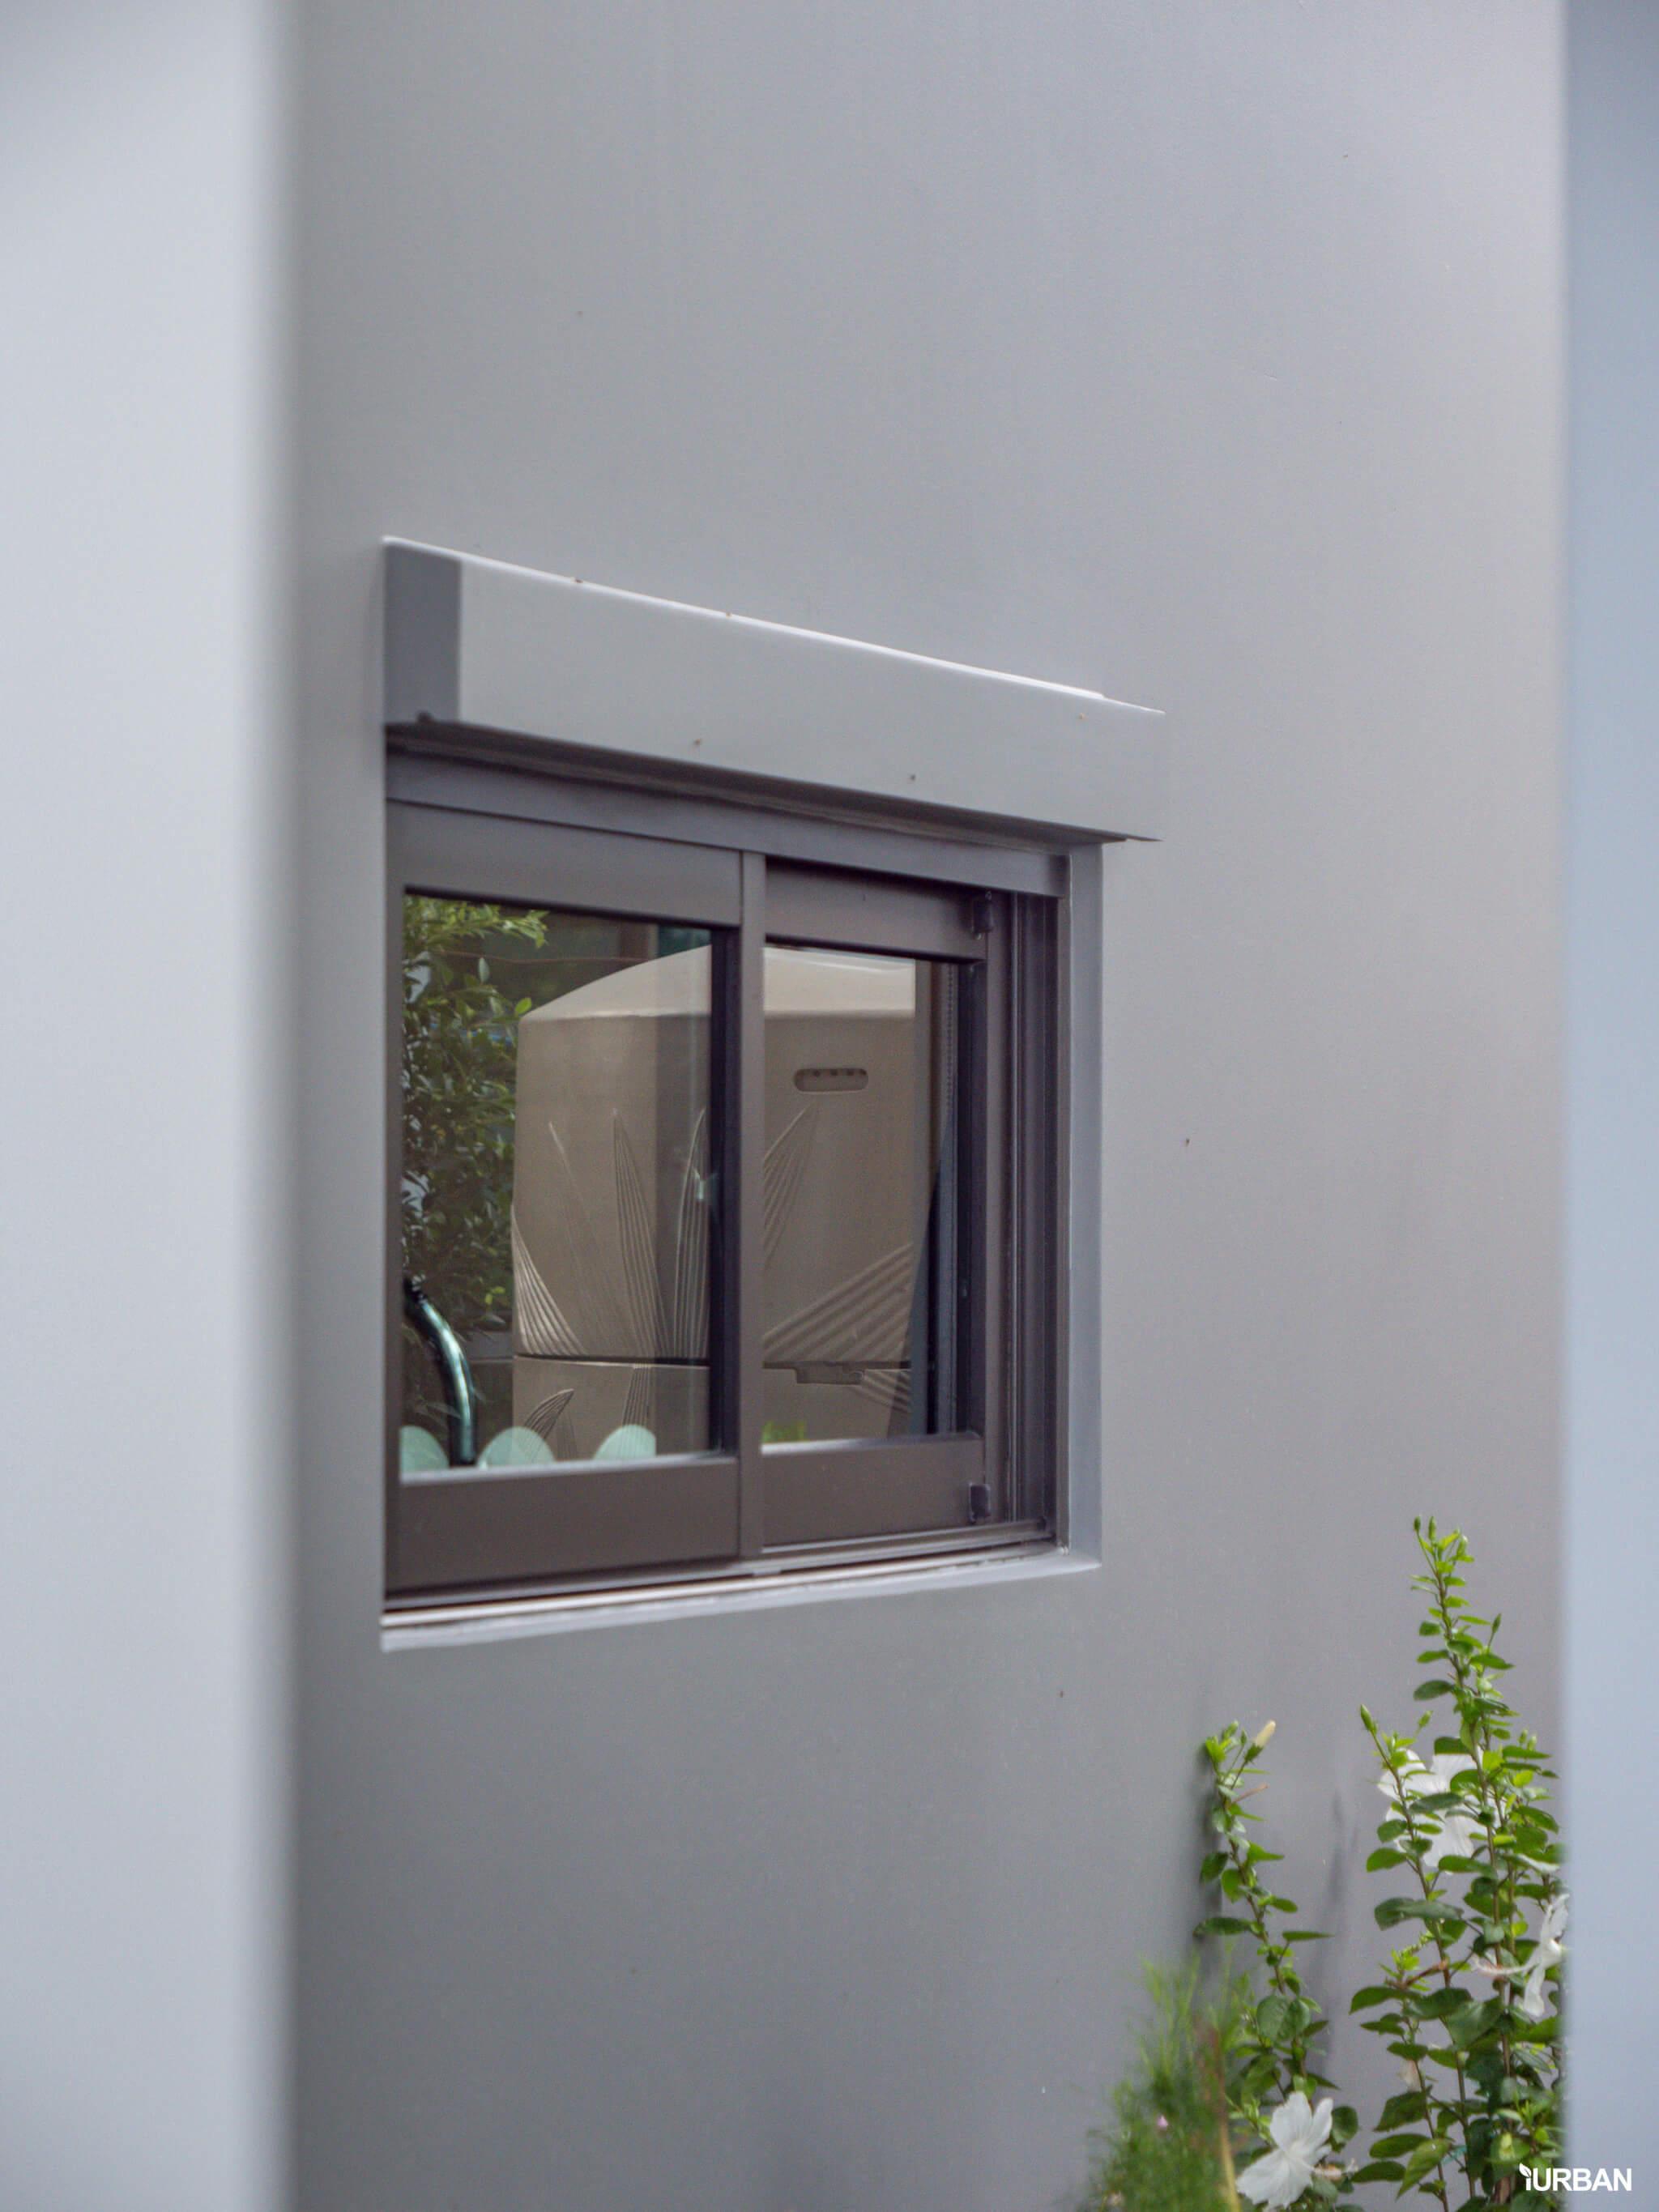 รีวิว อณาสิริ ชัยพฤกษ์-วงแหวน เมื่อแสนสิริออกแบบบ้านใหม่ Feel Just Right ใช้งานได้ลงตัว 94 - Anasiri